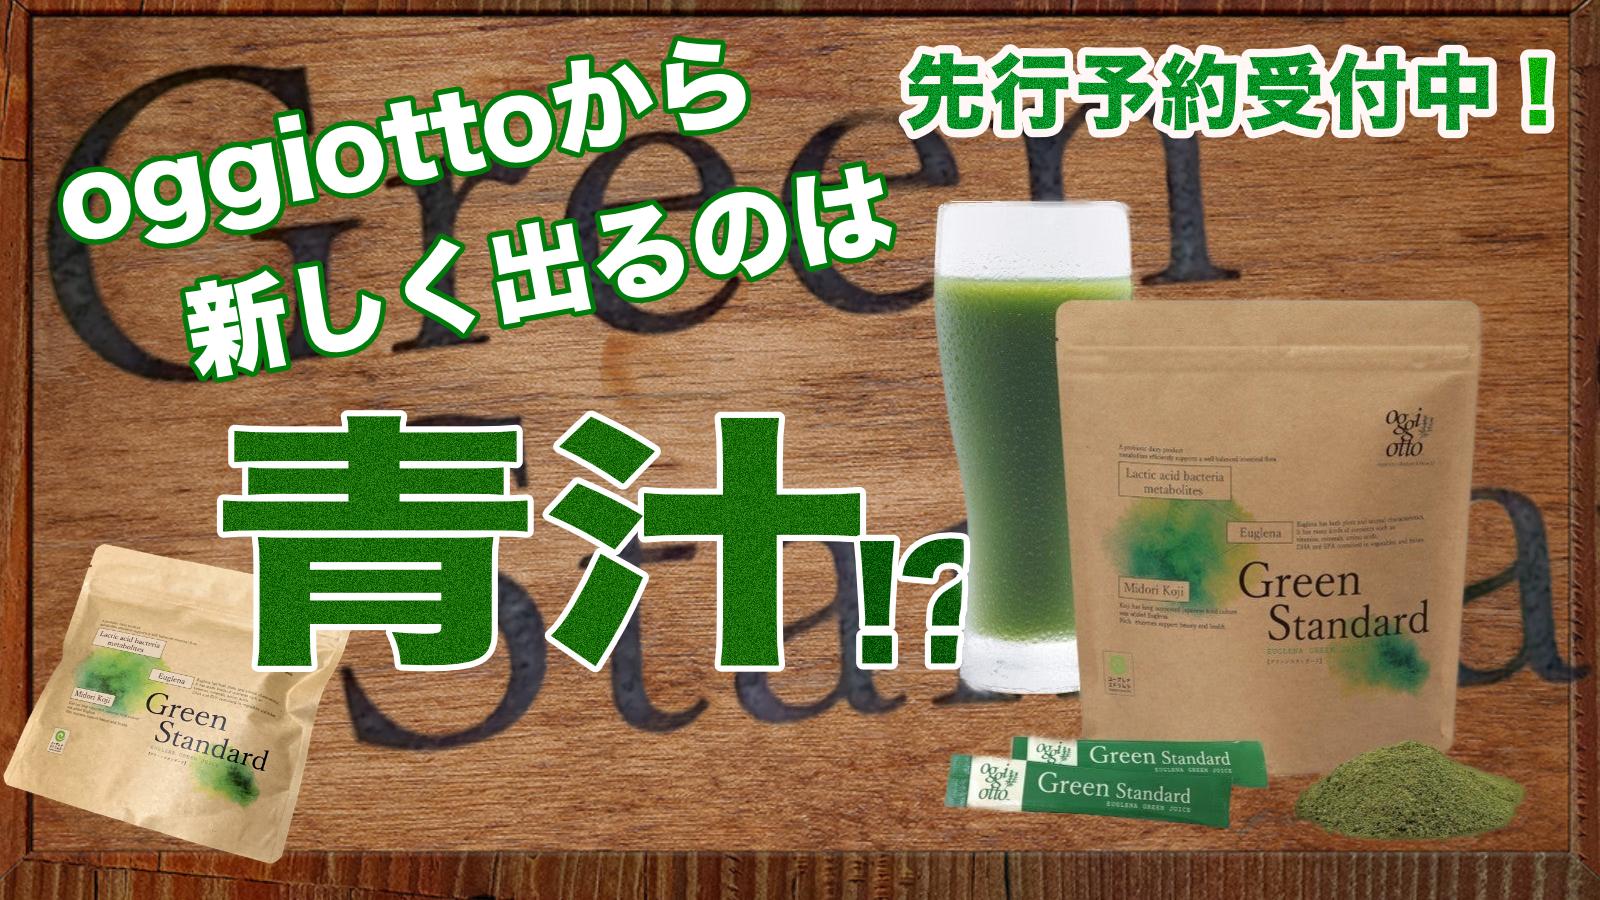 【新発売!】oggiotto(オッジィオット)の新作は青汁!?〈機能性青汁Green Standard/グリーンスタンダード〉